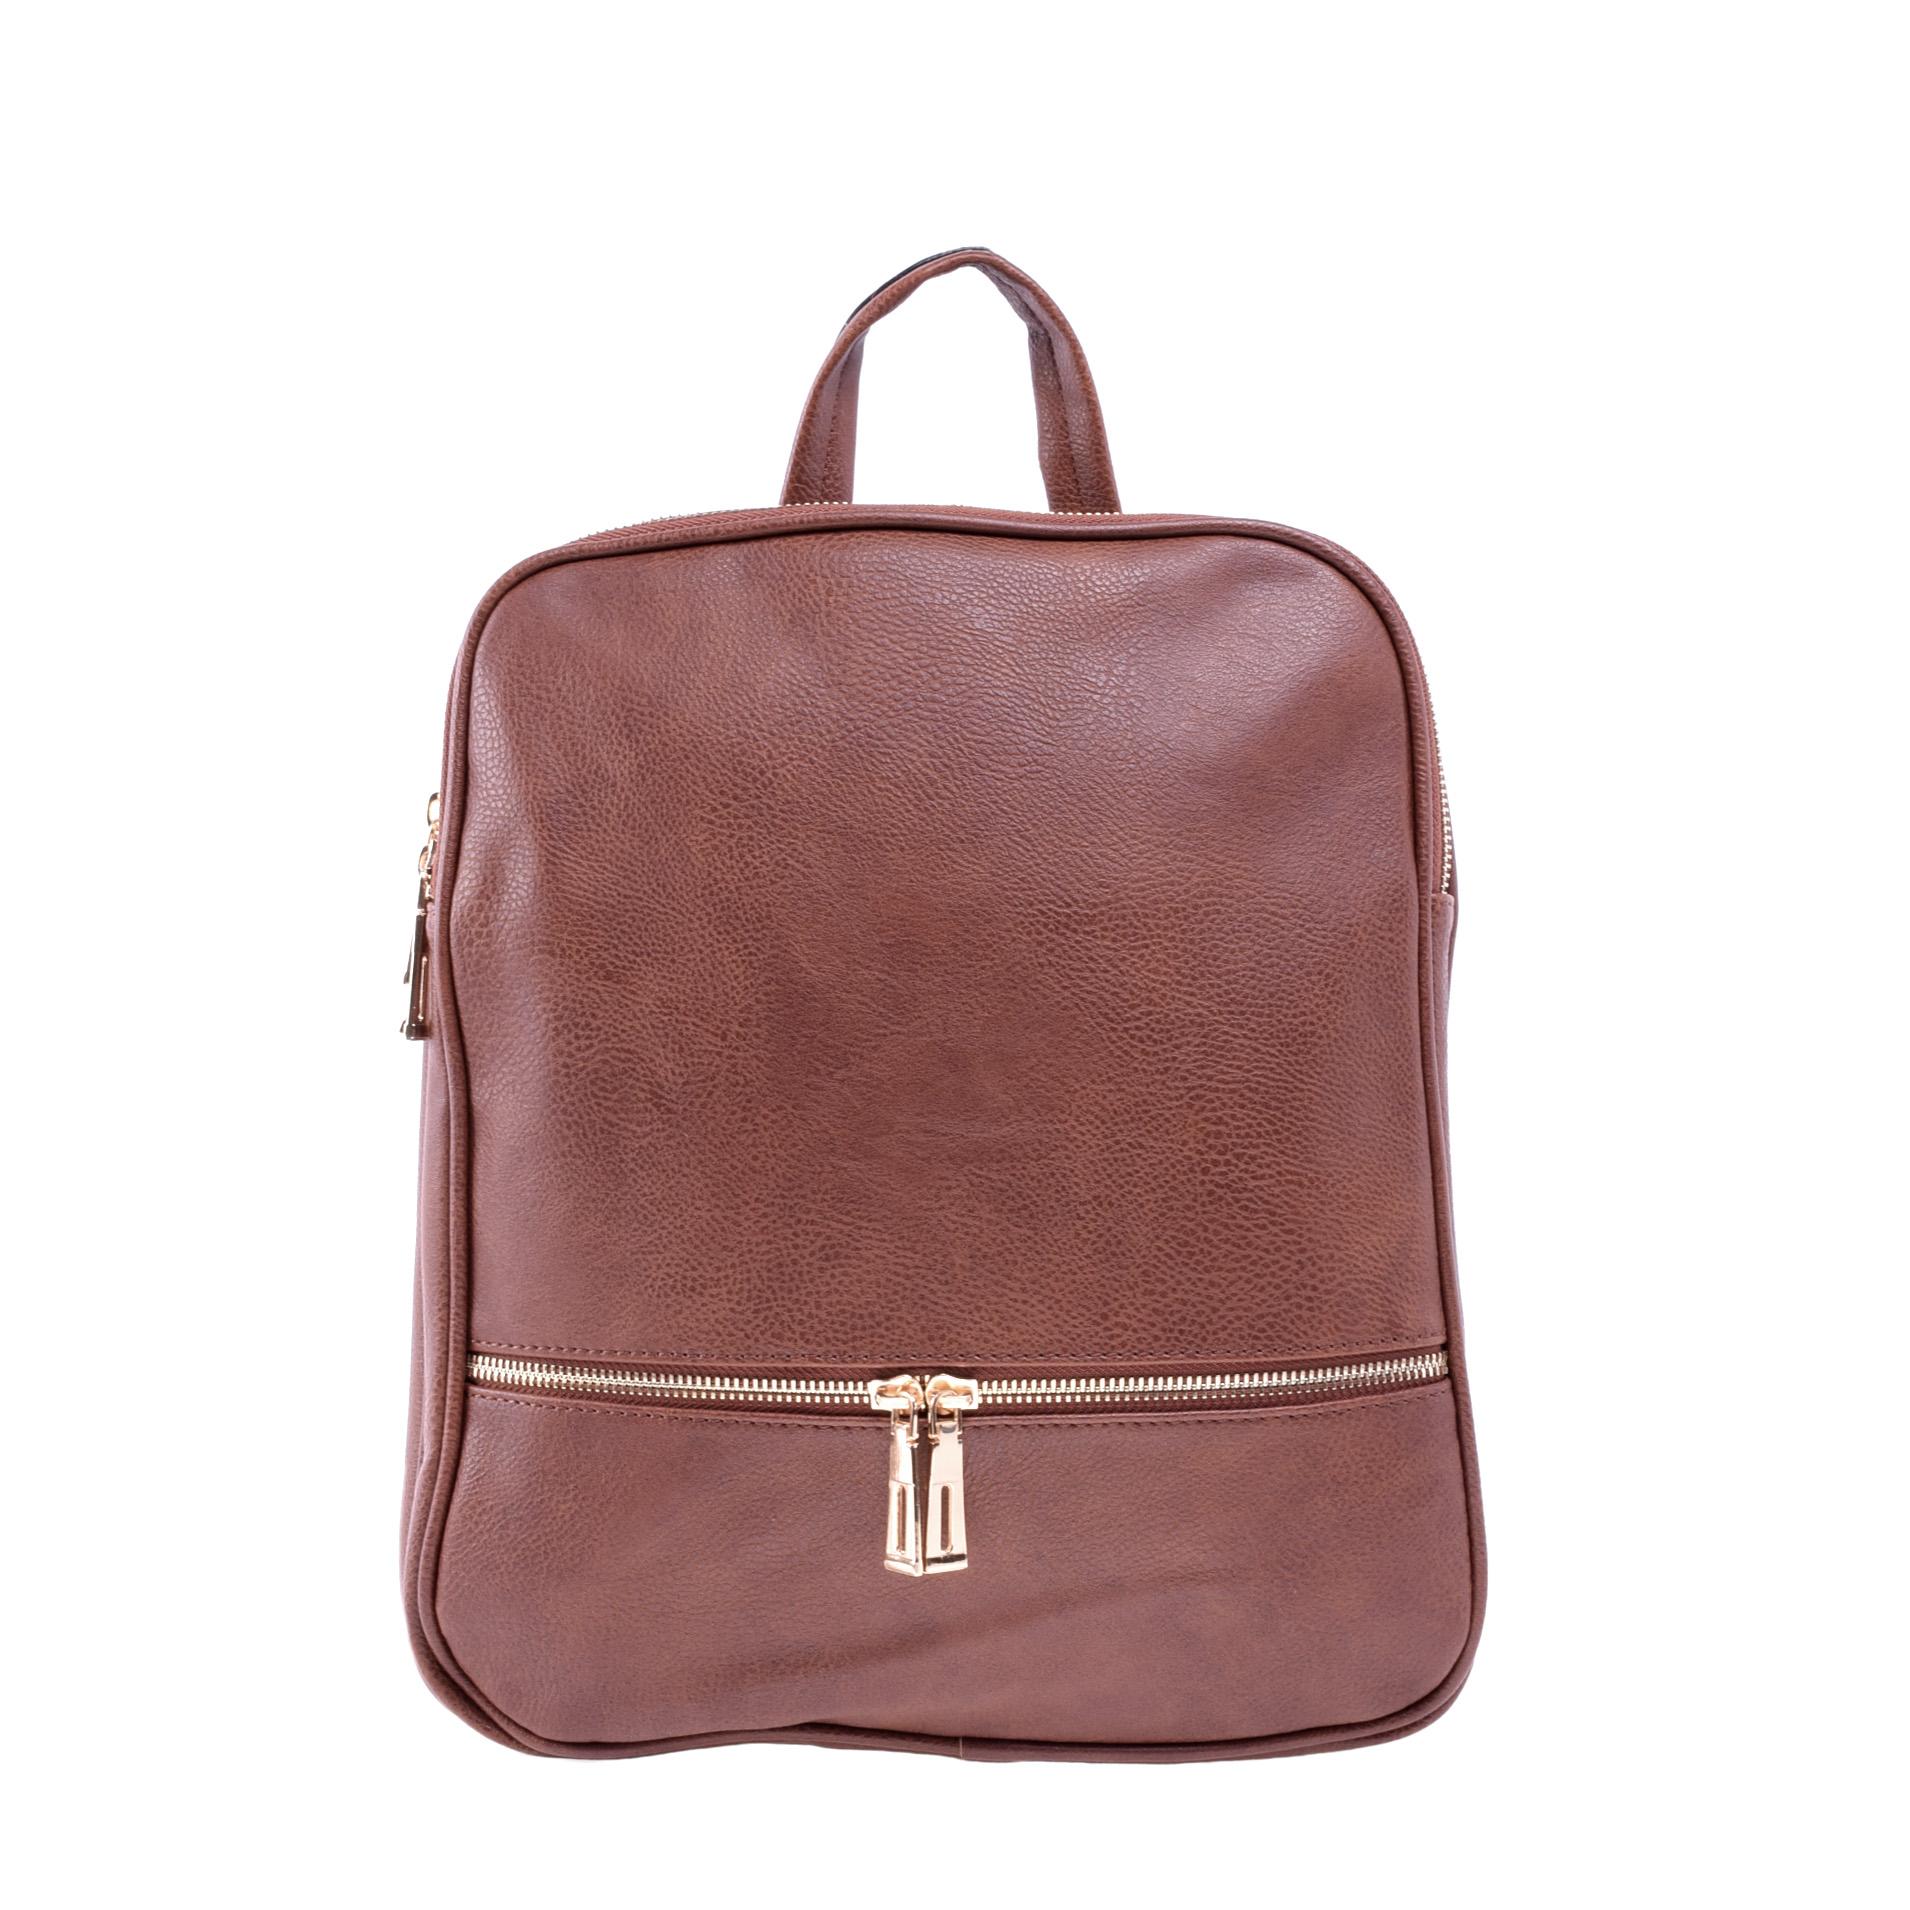 50f5c56f414e Barna Női Műbőr Hátizsák - Műbőr - Táska webáruház - Minőségi táskák  mindenkinek